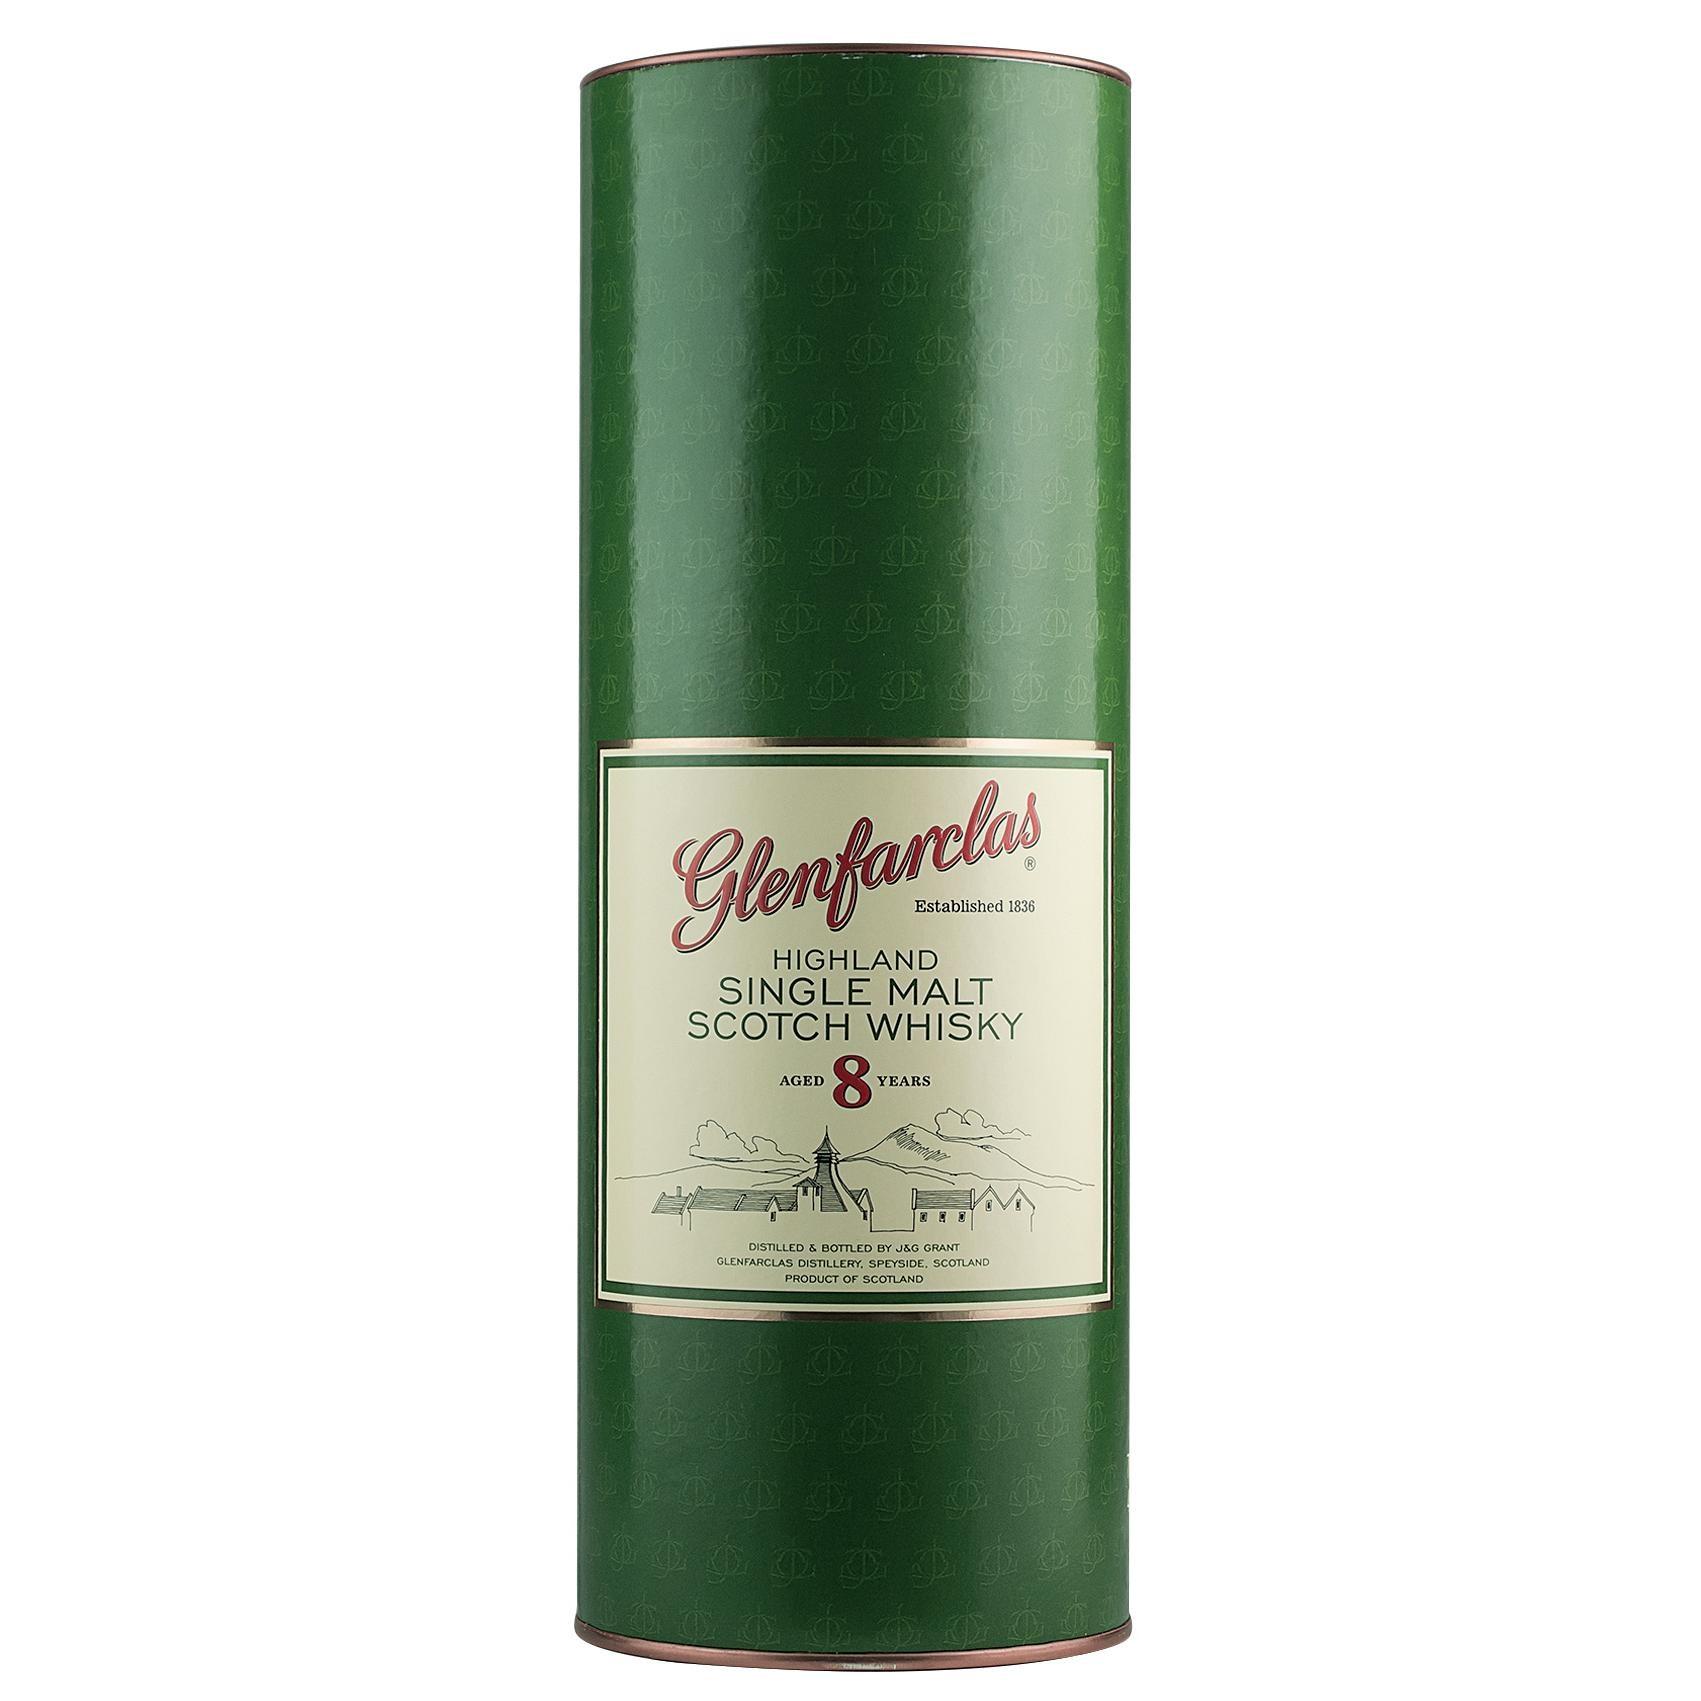 Glenfarclas Highland Single Malt Scotch Whisky 8 Jahre alt 0,7l